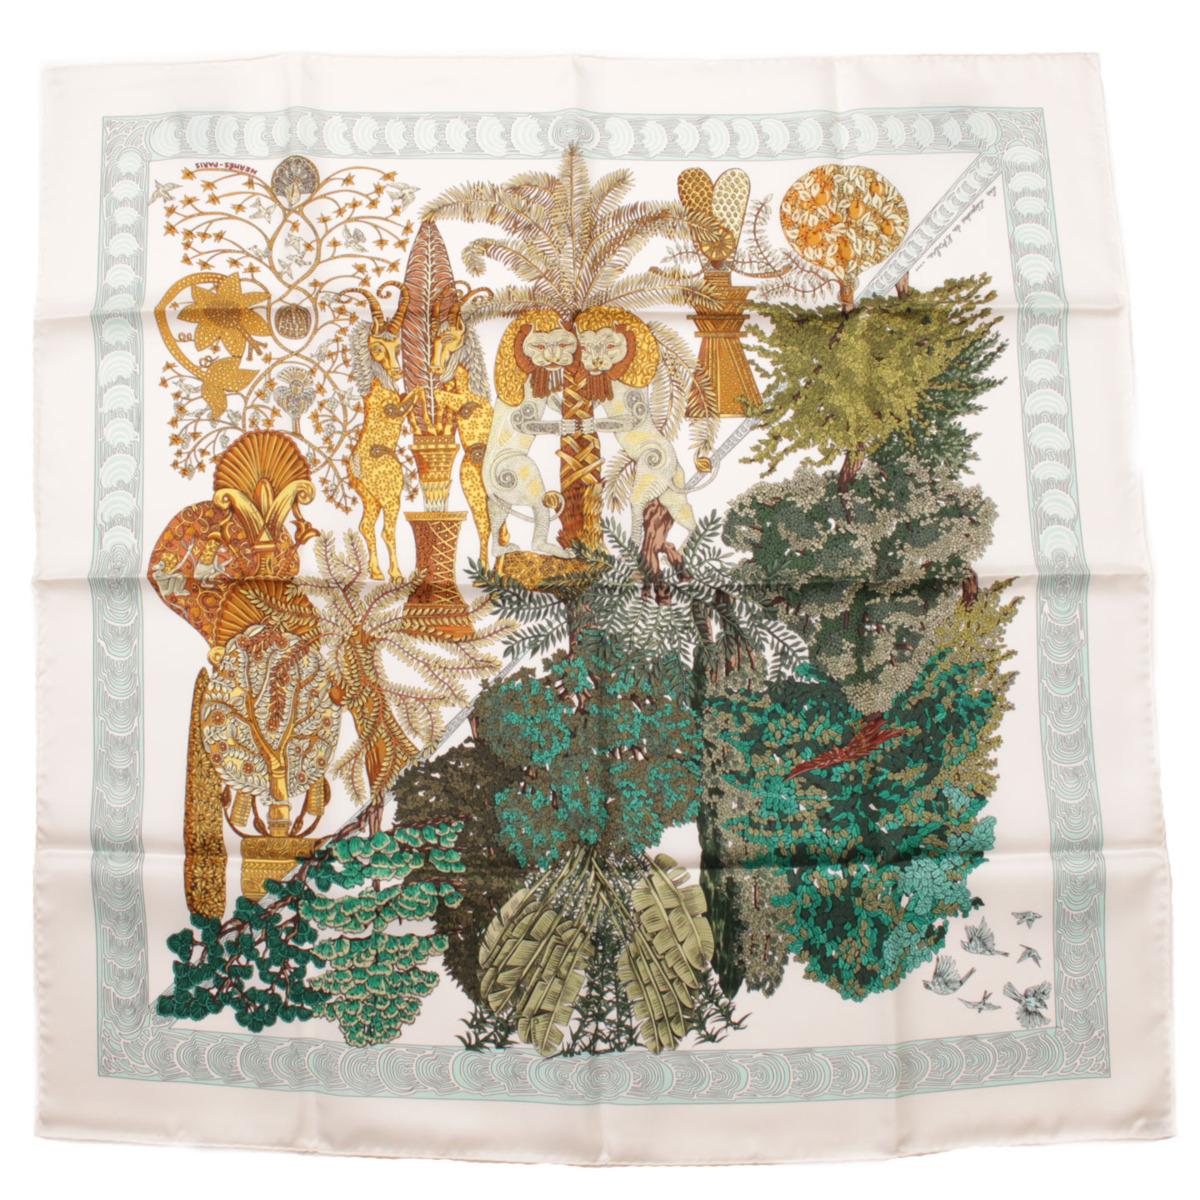 【エルメス】Hermes カレ90 シルクスカーフ Les Legendes de L'Arbre 木の伝説 【中古】【鑑定済・正規品保証】【送料無料】37604